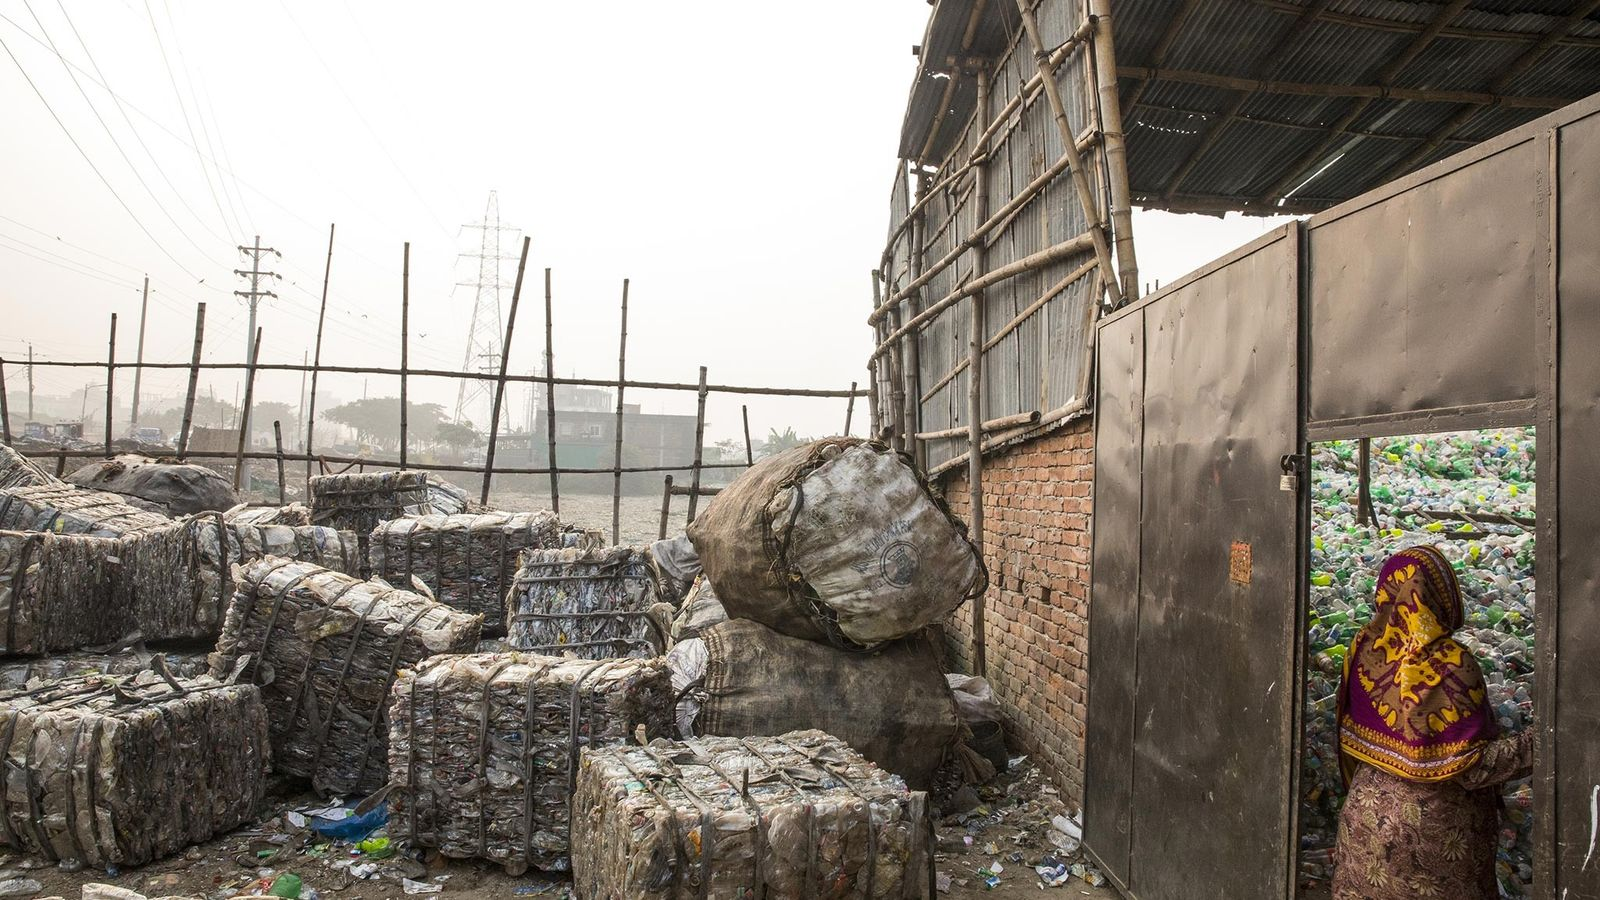 Montañas de plástico esperan para ser recicladas en Dhaka, Bangladesh.